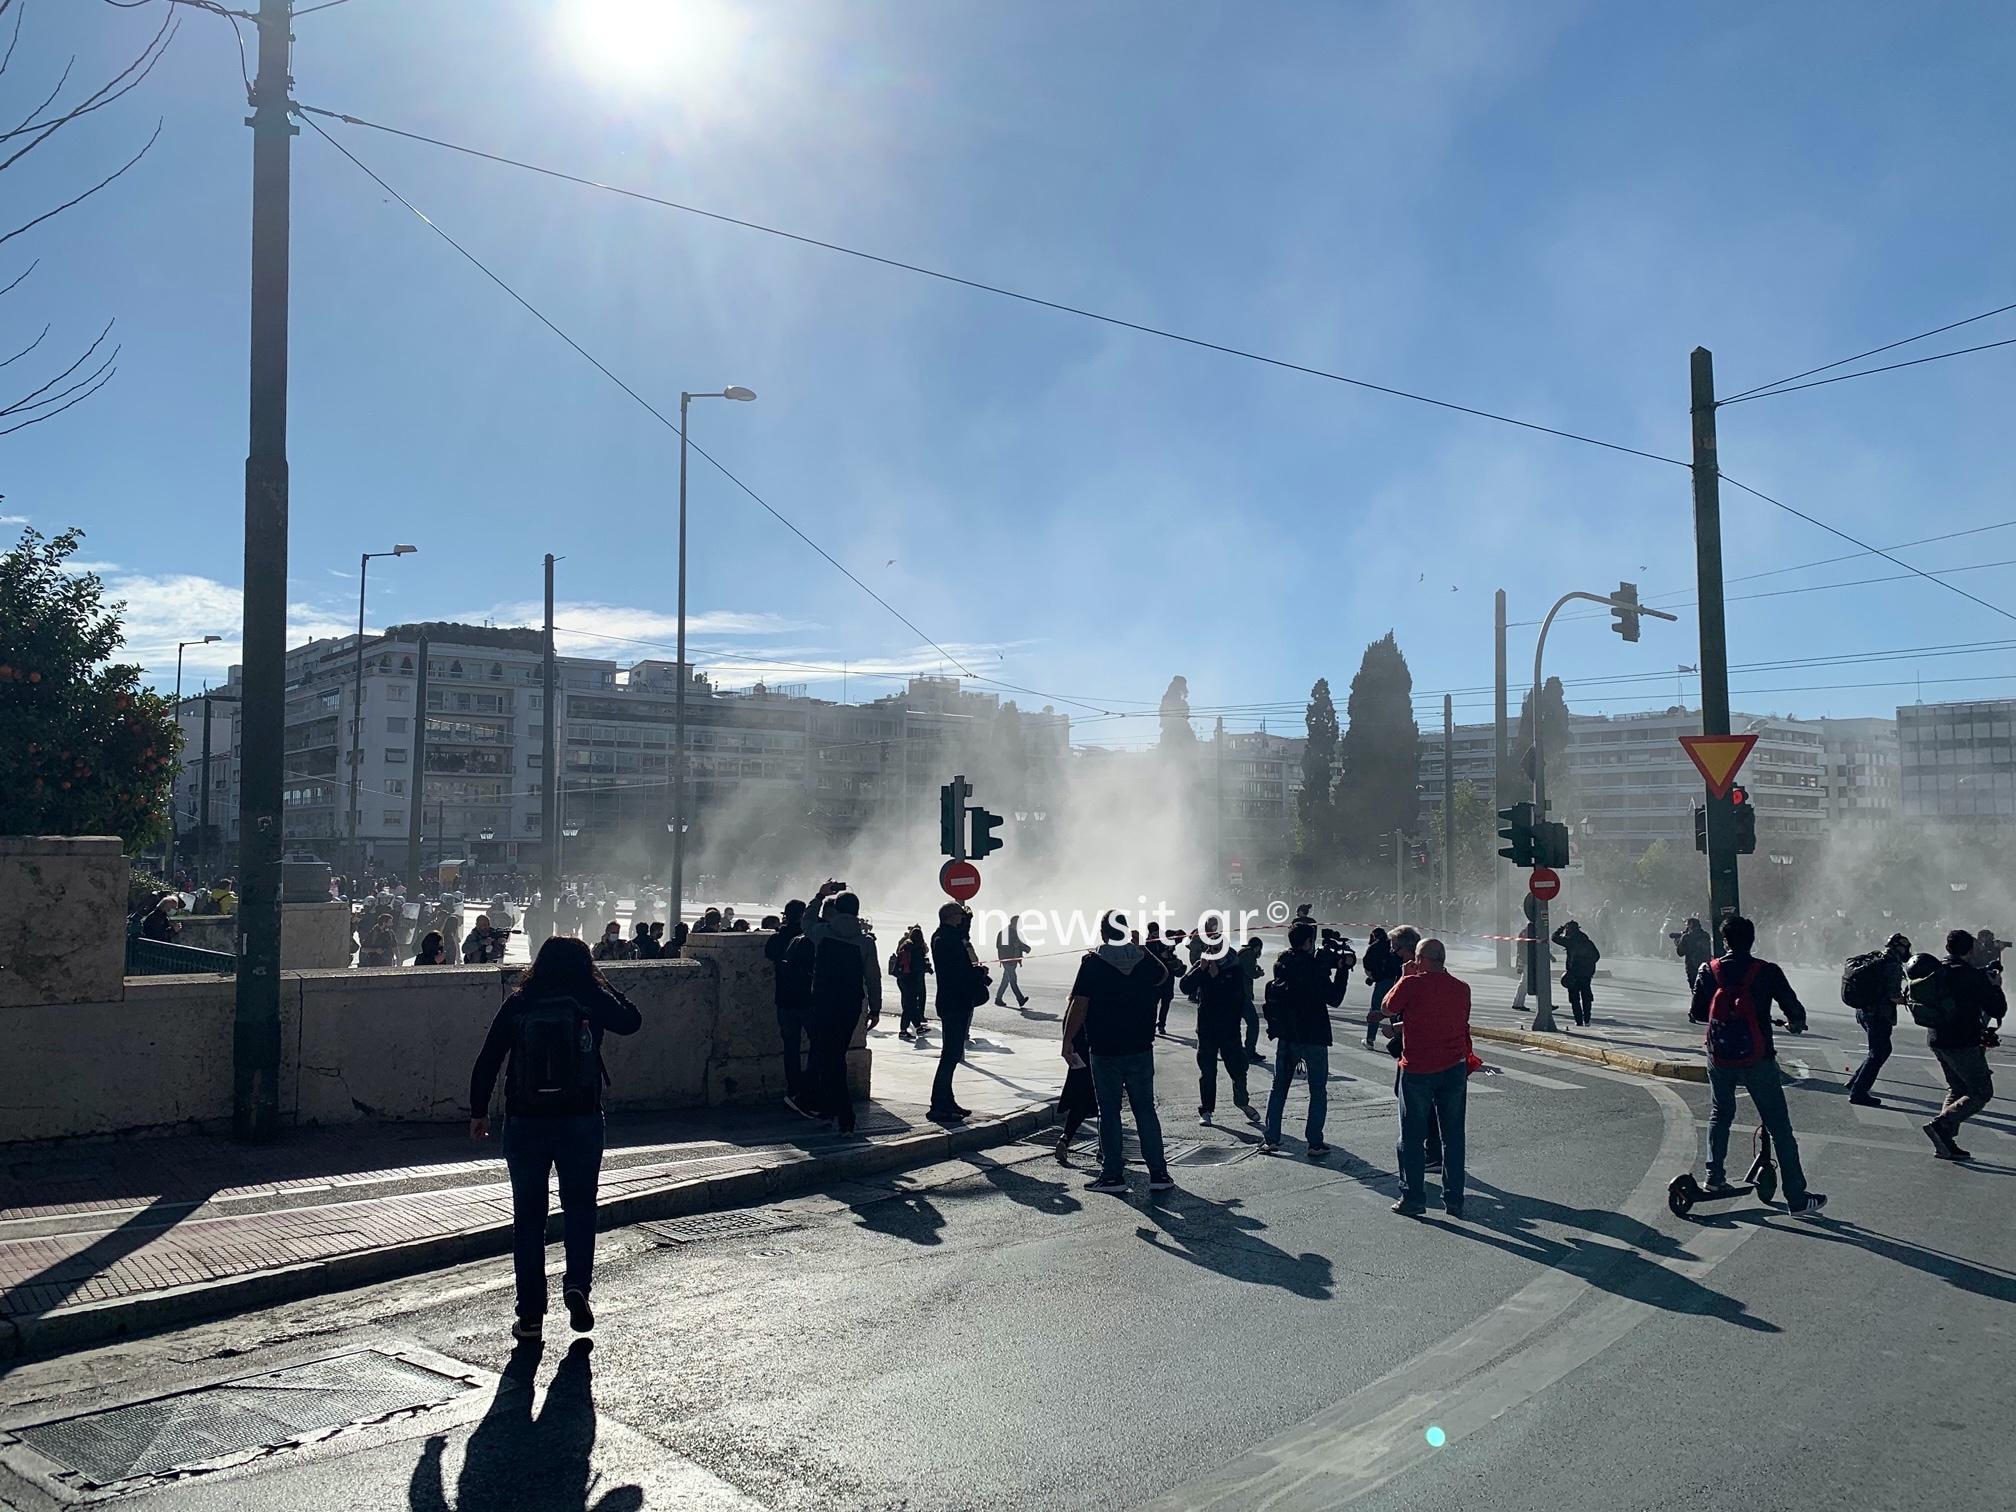 Νέο πανεκπαιδευτικό συλλαλητήριο στην Αθήνα – Κλειστό το κέντρο (pics)